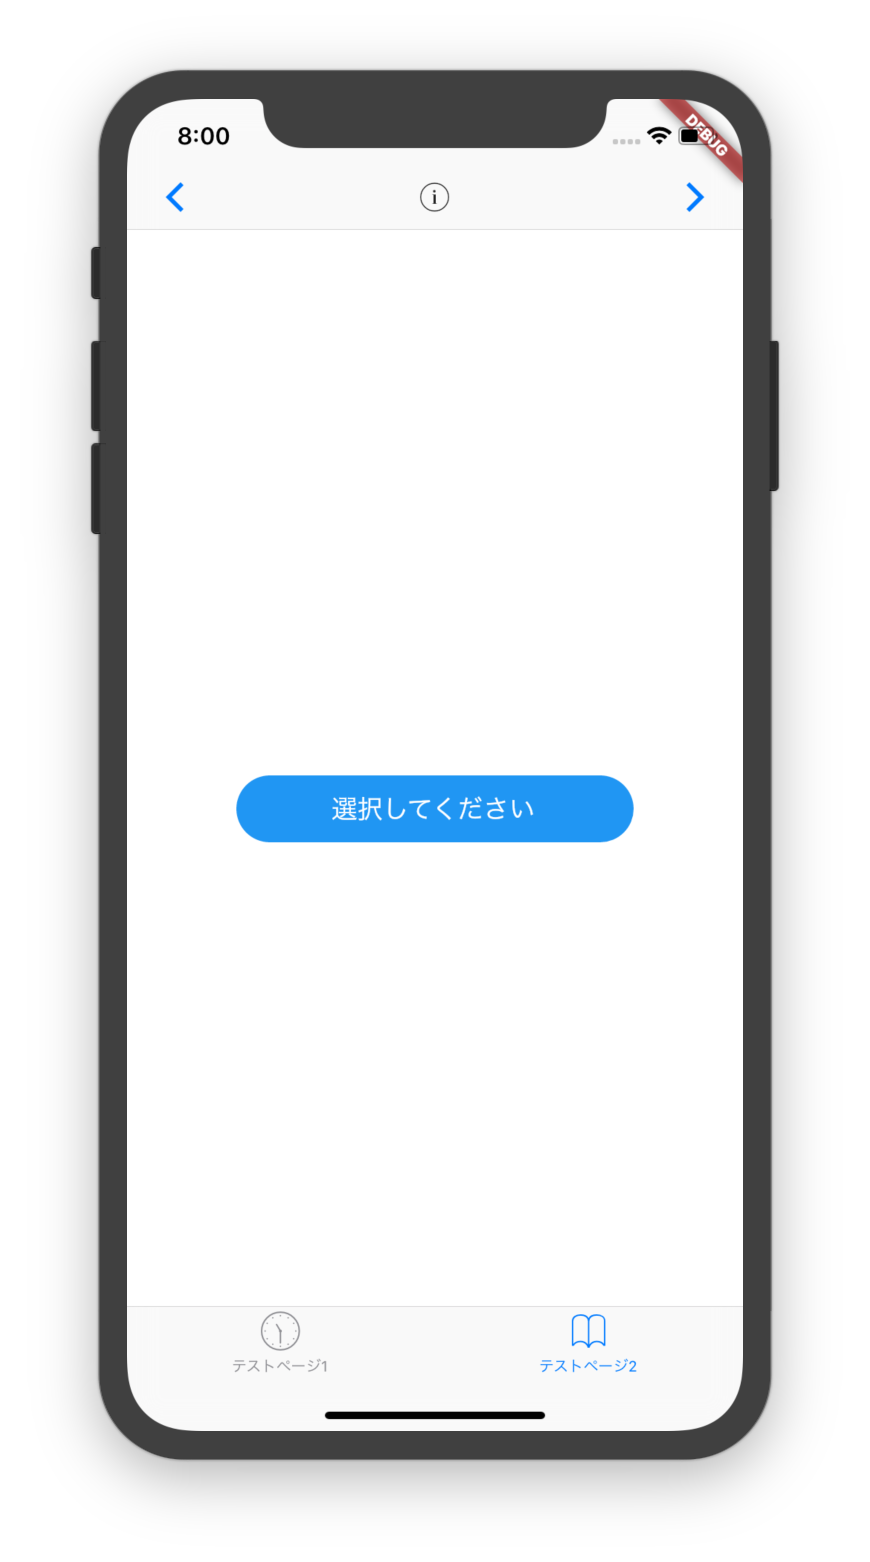 スクリーンショット 2018-12-14 8.00.29.png